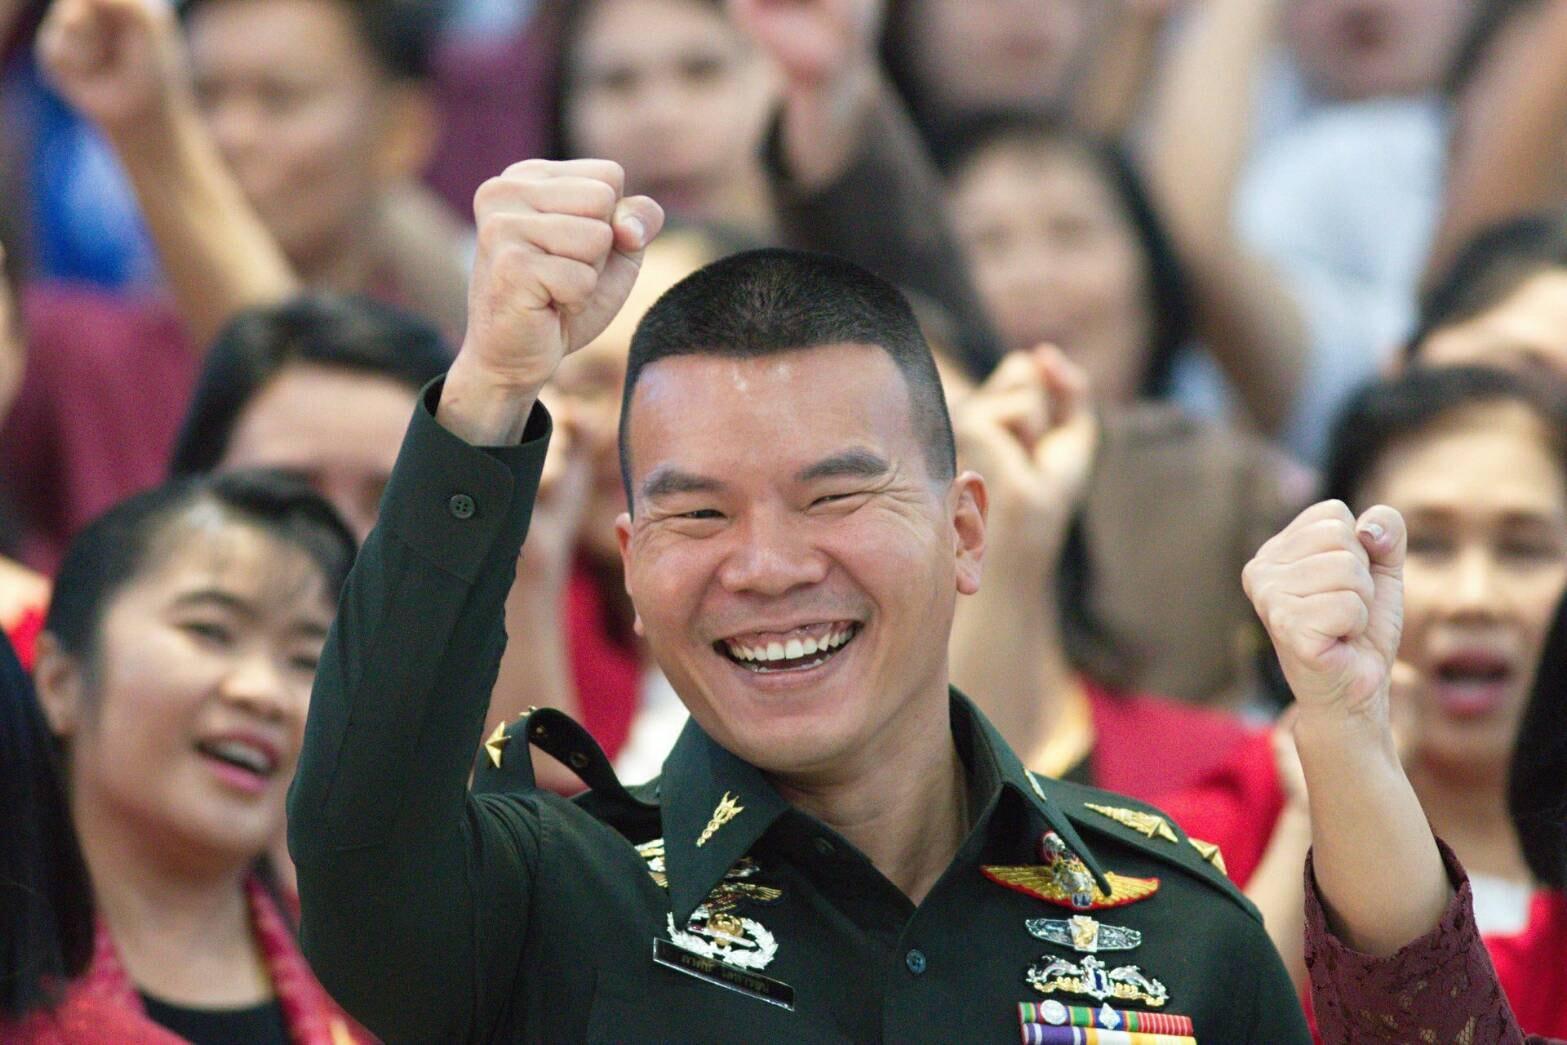 """""""หมอภาคย์"""" โพสต์อยากเห็นคนไทยรักกัน ระบุ เริ่มต้นจากความรักแล้วสิ่งดีๆจะเกิดขึ้น"""